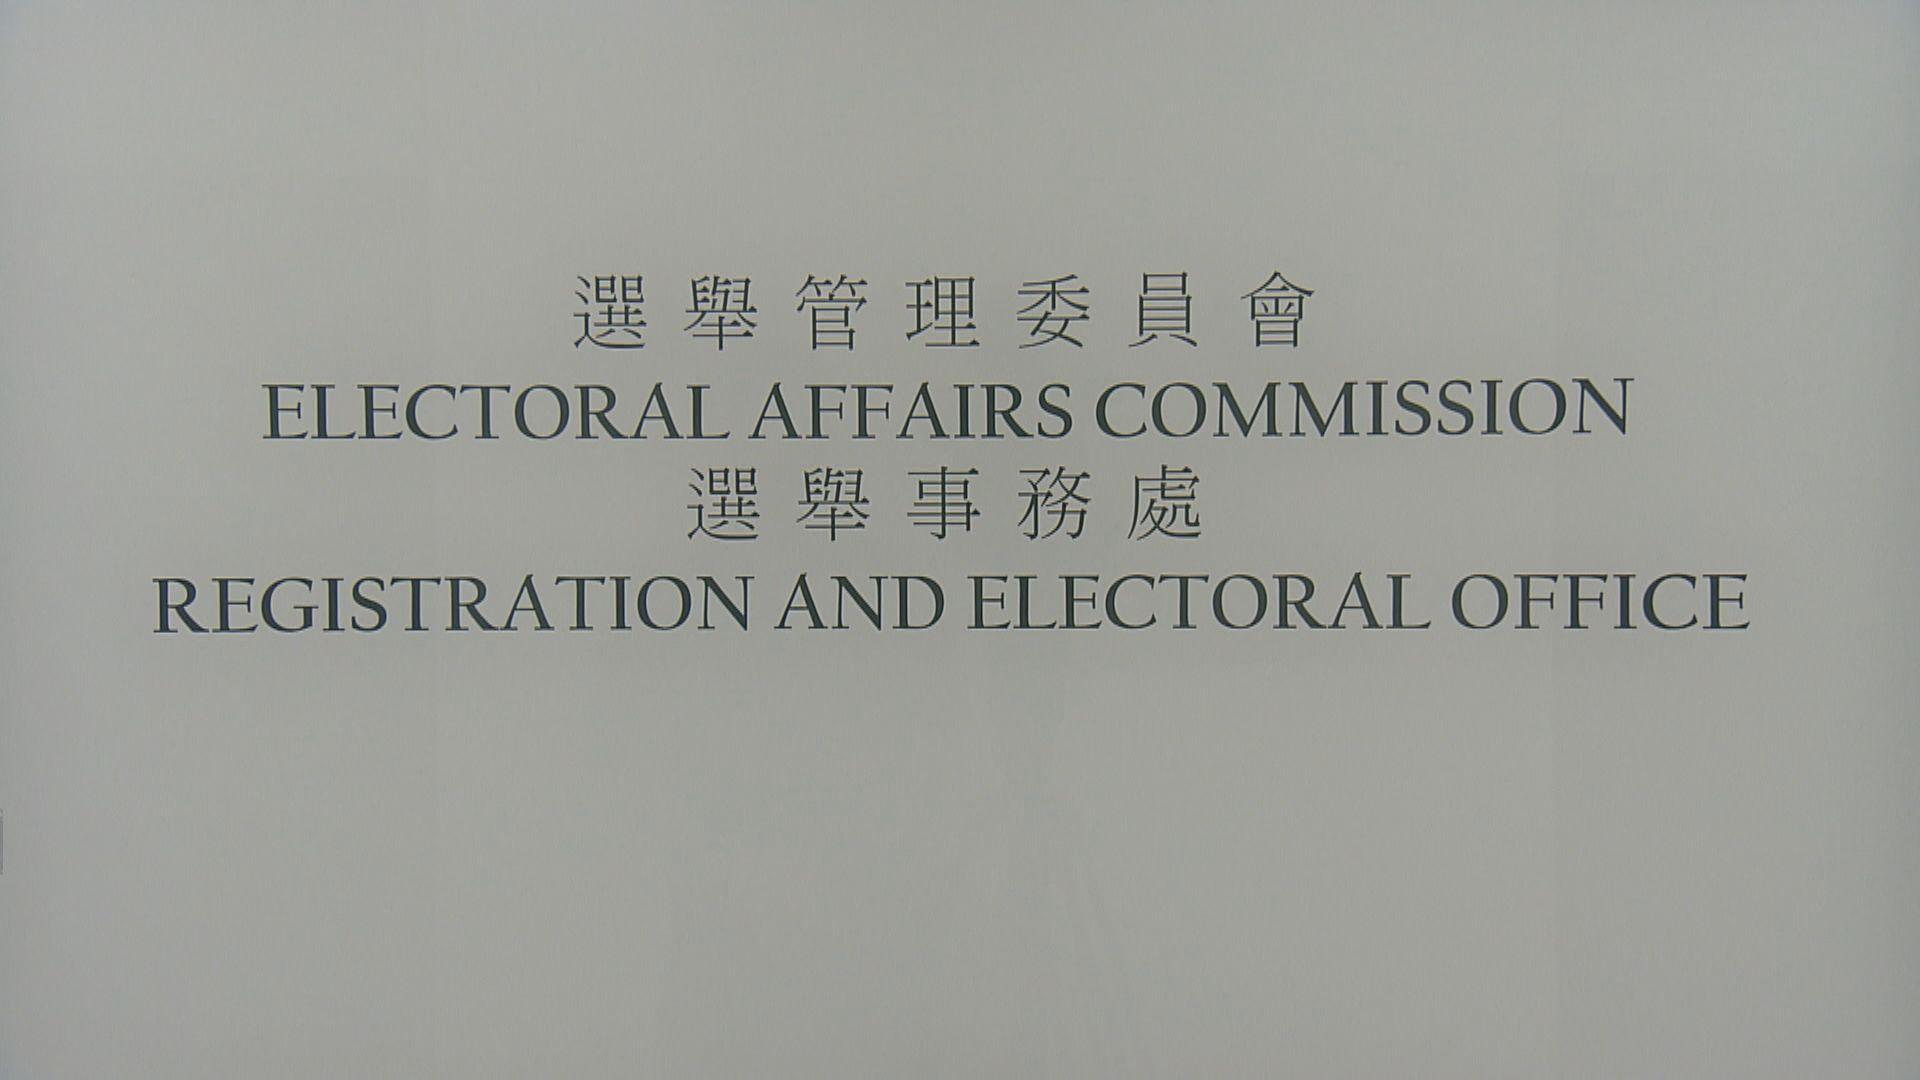 選管會提醒候選人須簽署聲明擁護基本法